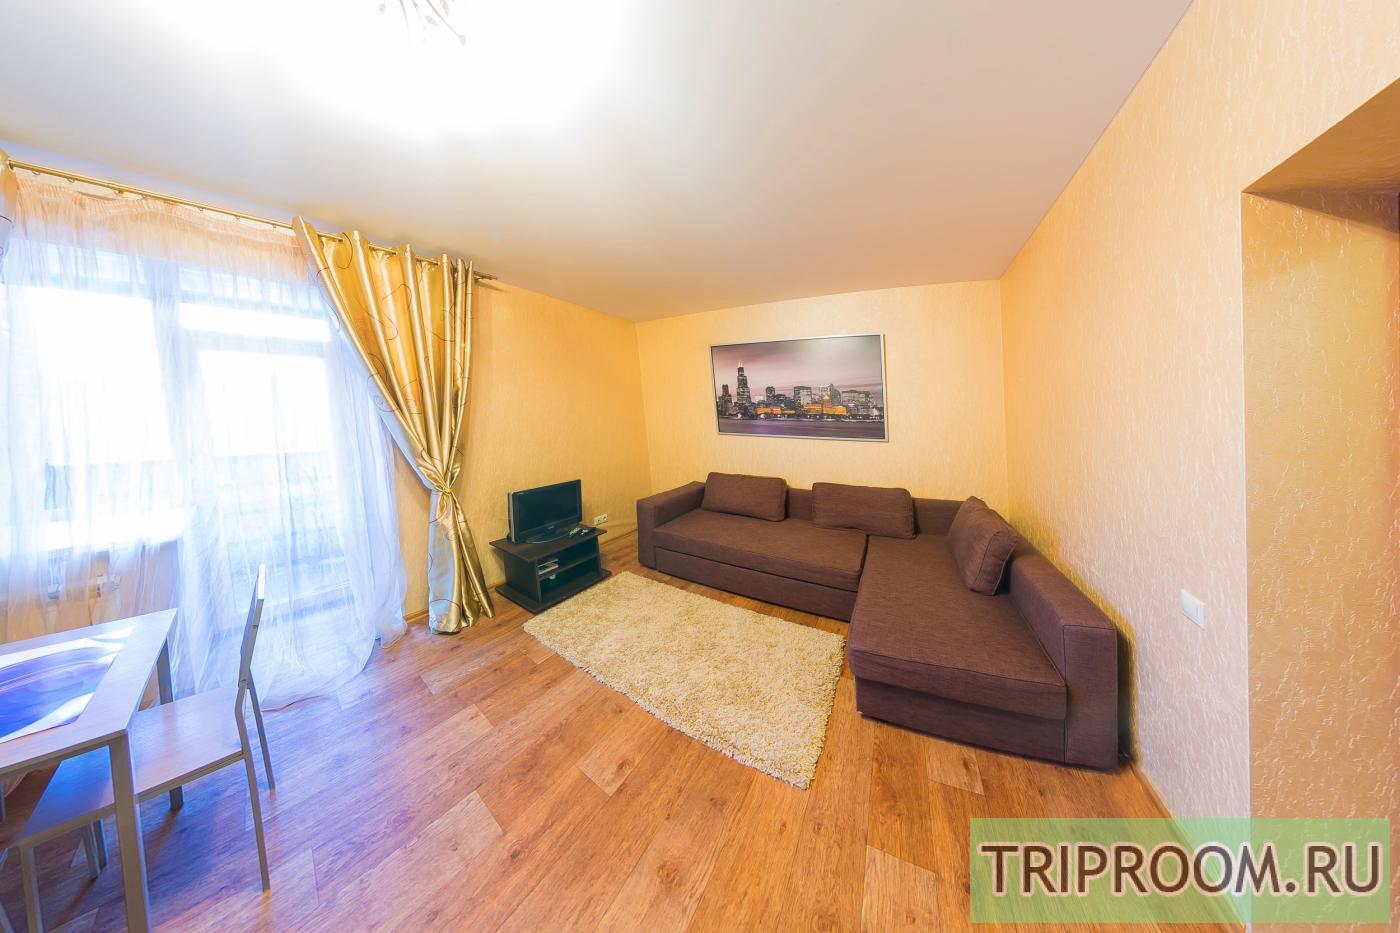 2-комнатная квартира посуточно (вариант № 2738), ул. Геодезическая улица, фото № 3